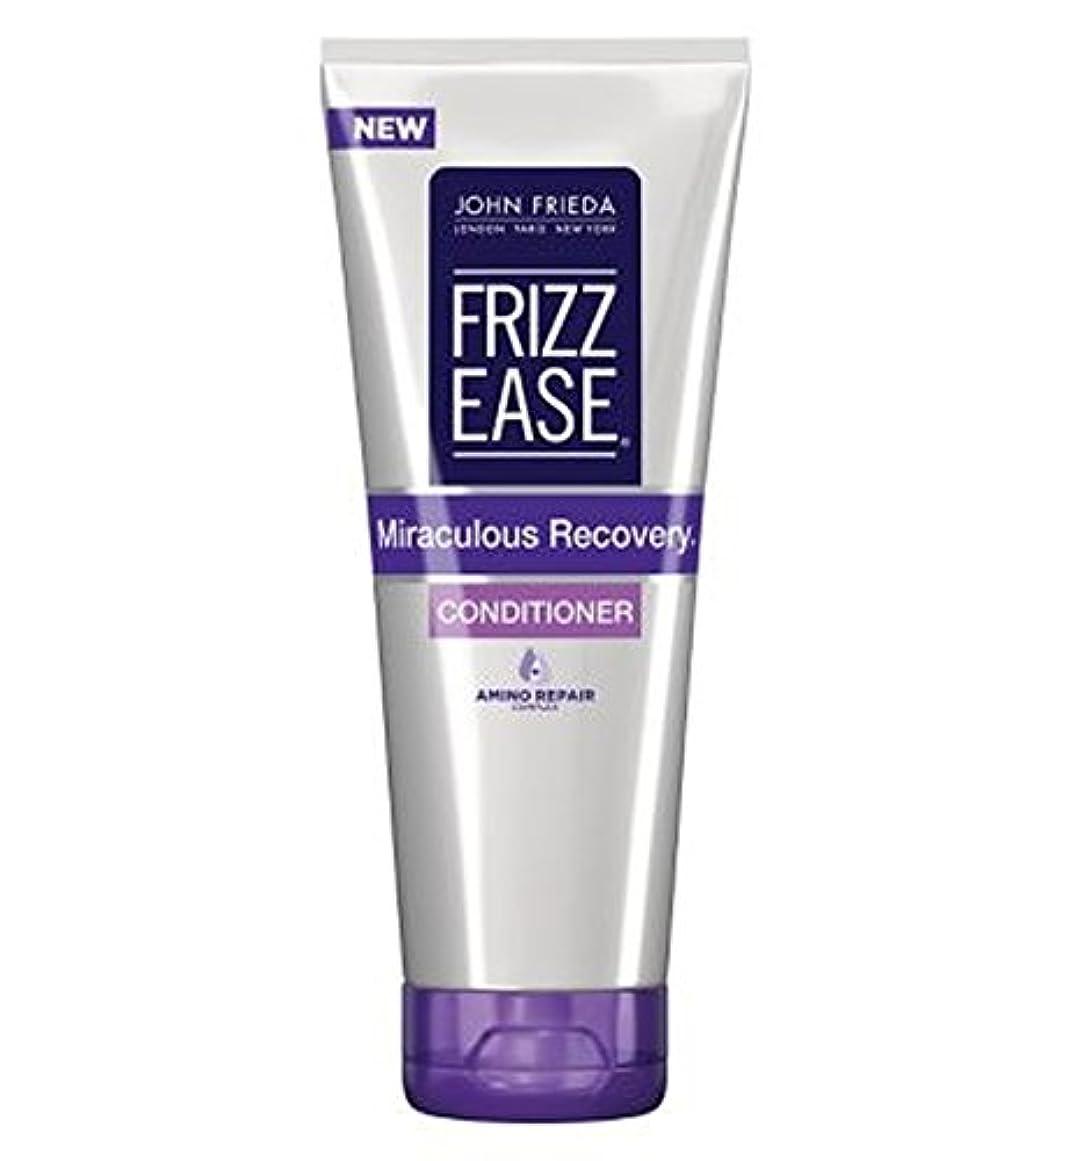 談話ブルーベル試験ジョン?フリーダ縮れ容易奇跡的な回復コンディショナー250Ml (John Frieda) (x2) - John Frieda Frizz Ease Miraculous Recovery Conditioner 250ml...